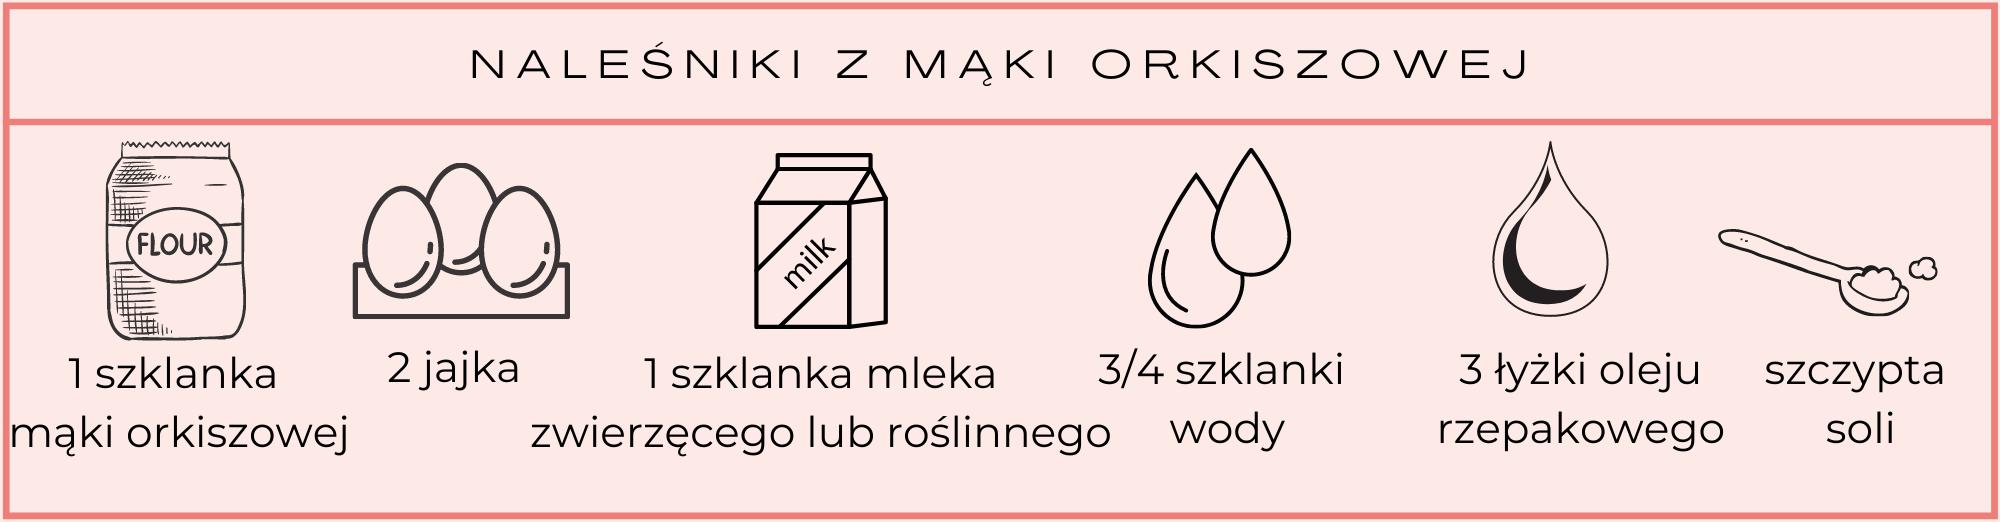 naleśniki z mąki orkiszowej